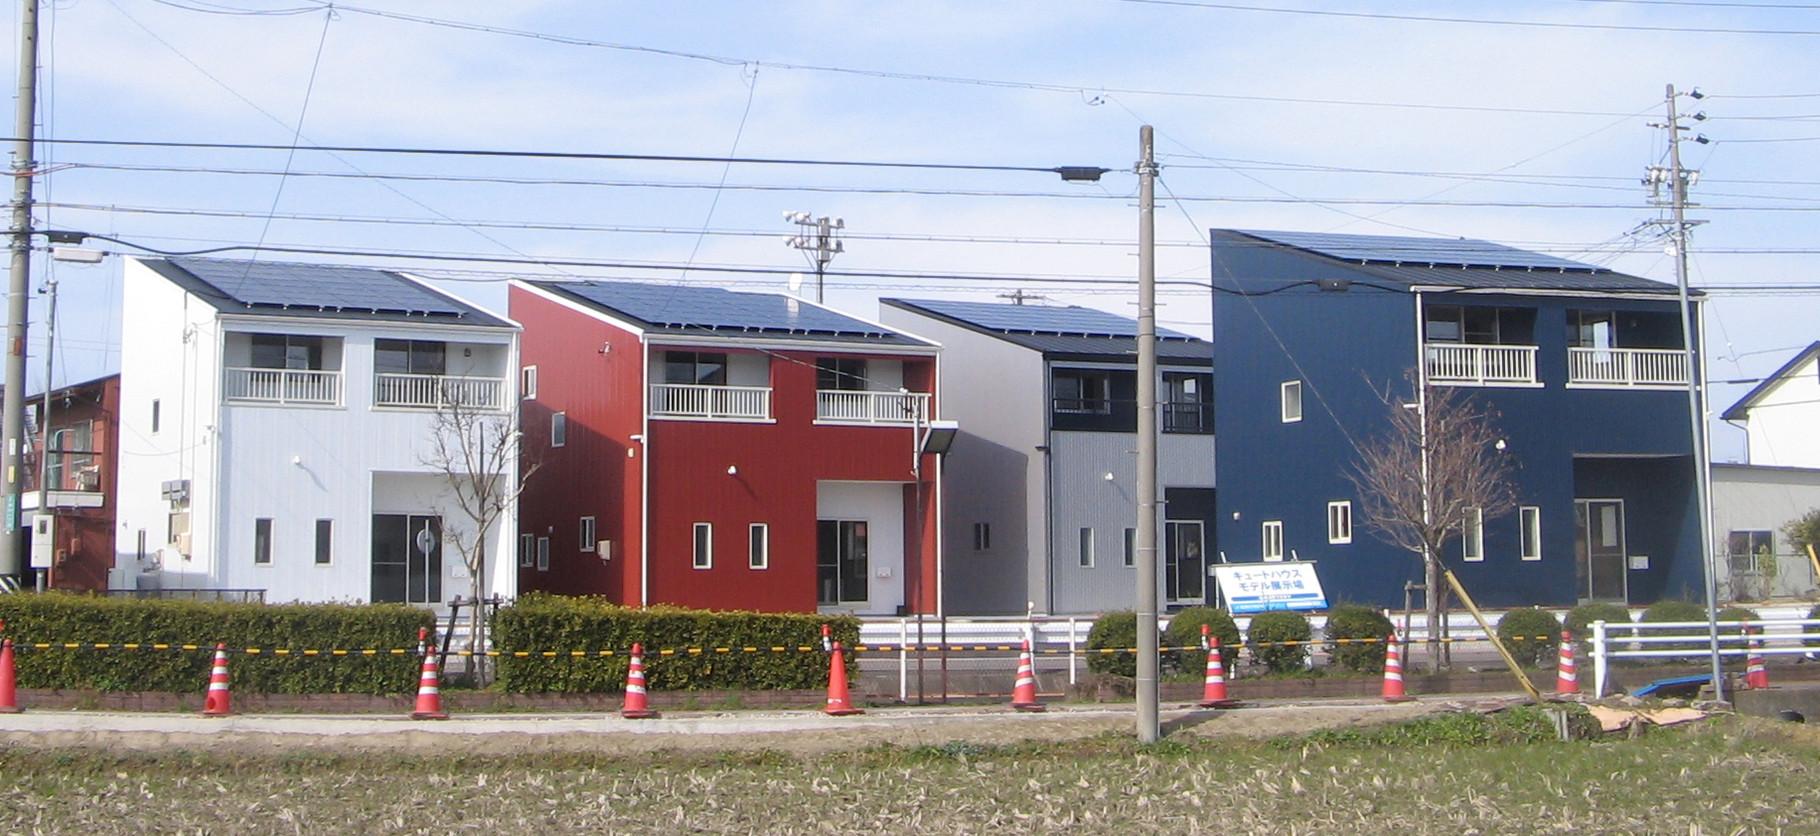 1戸建て借家までウレタン外張り外断熱の高気密高断熱の家です。オーナーさんが借主のことを考えての注文でした。太陽光発電で売電、儲かっています。